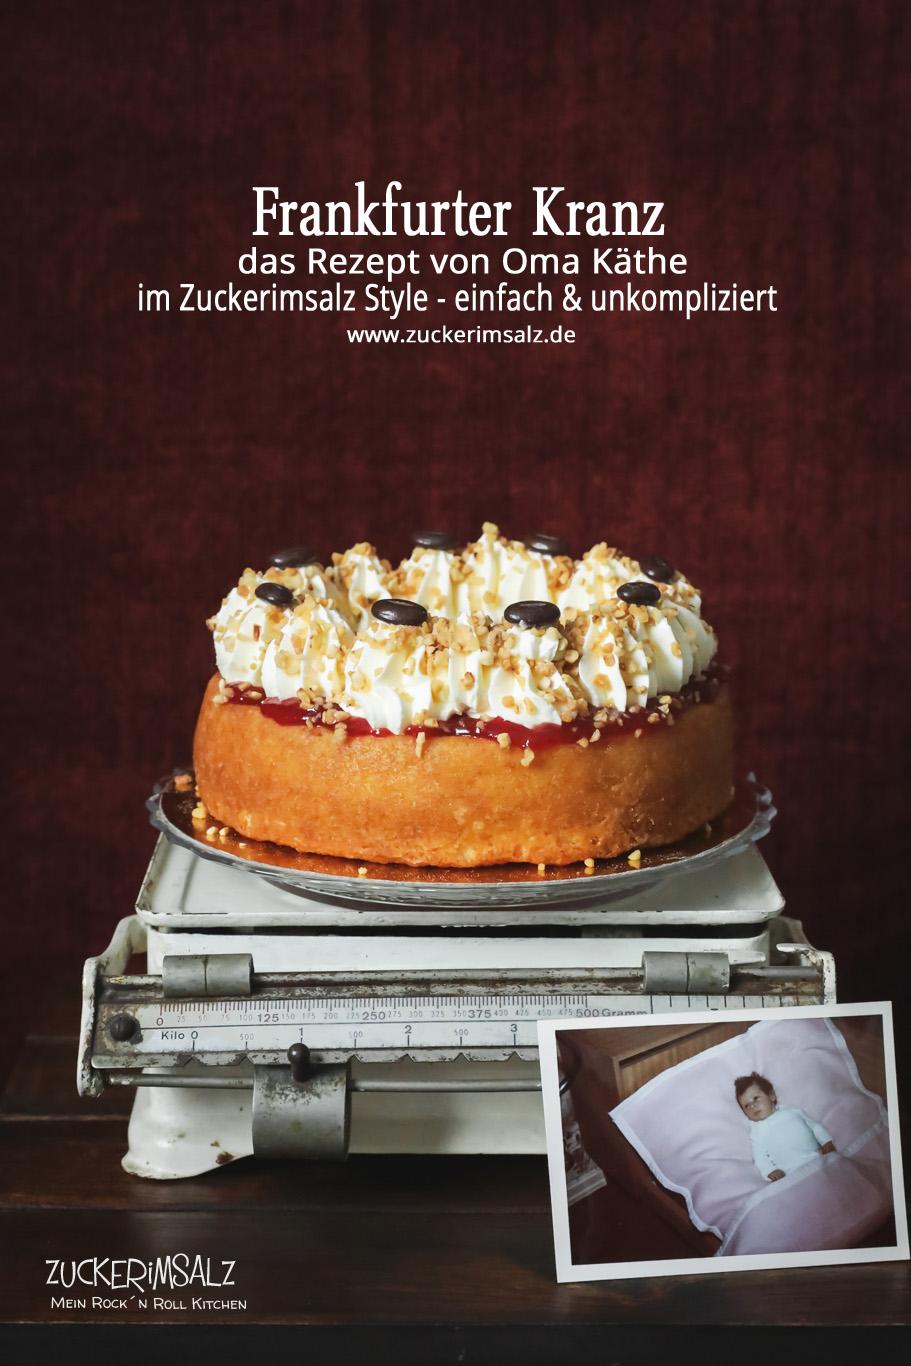 Frankfurter Kranz – das Rezept von Oma Käthe im Zuckerimsalz Style | einfach & unkompliziert